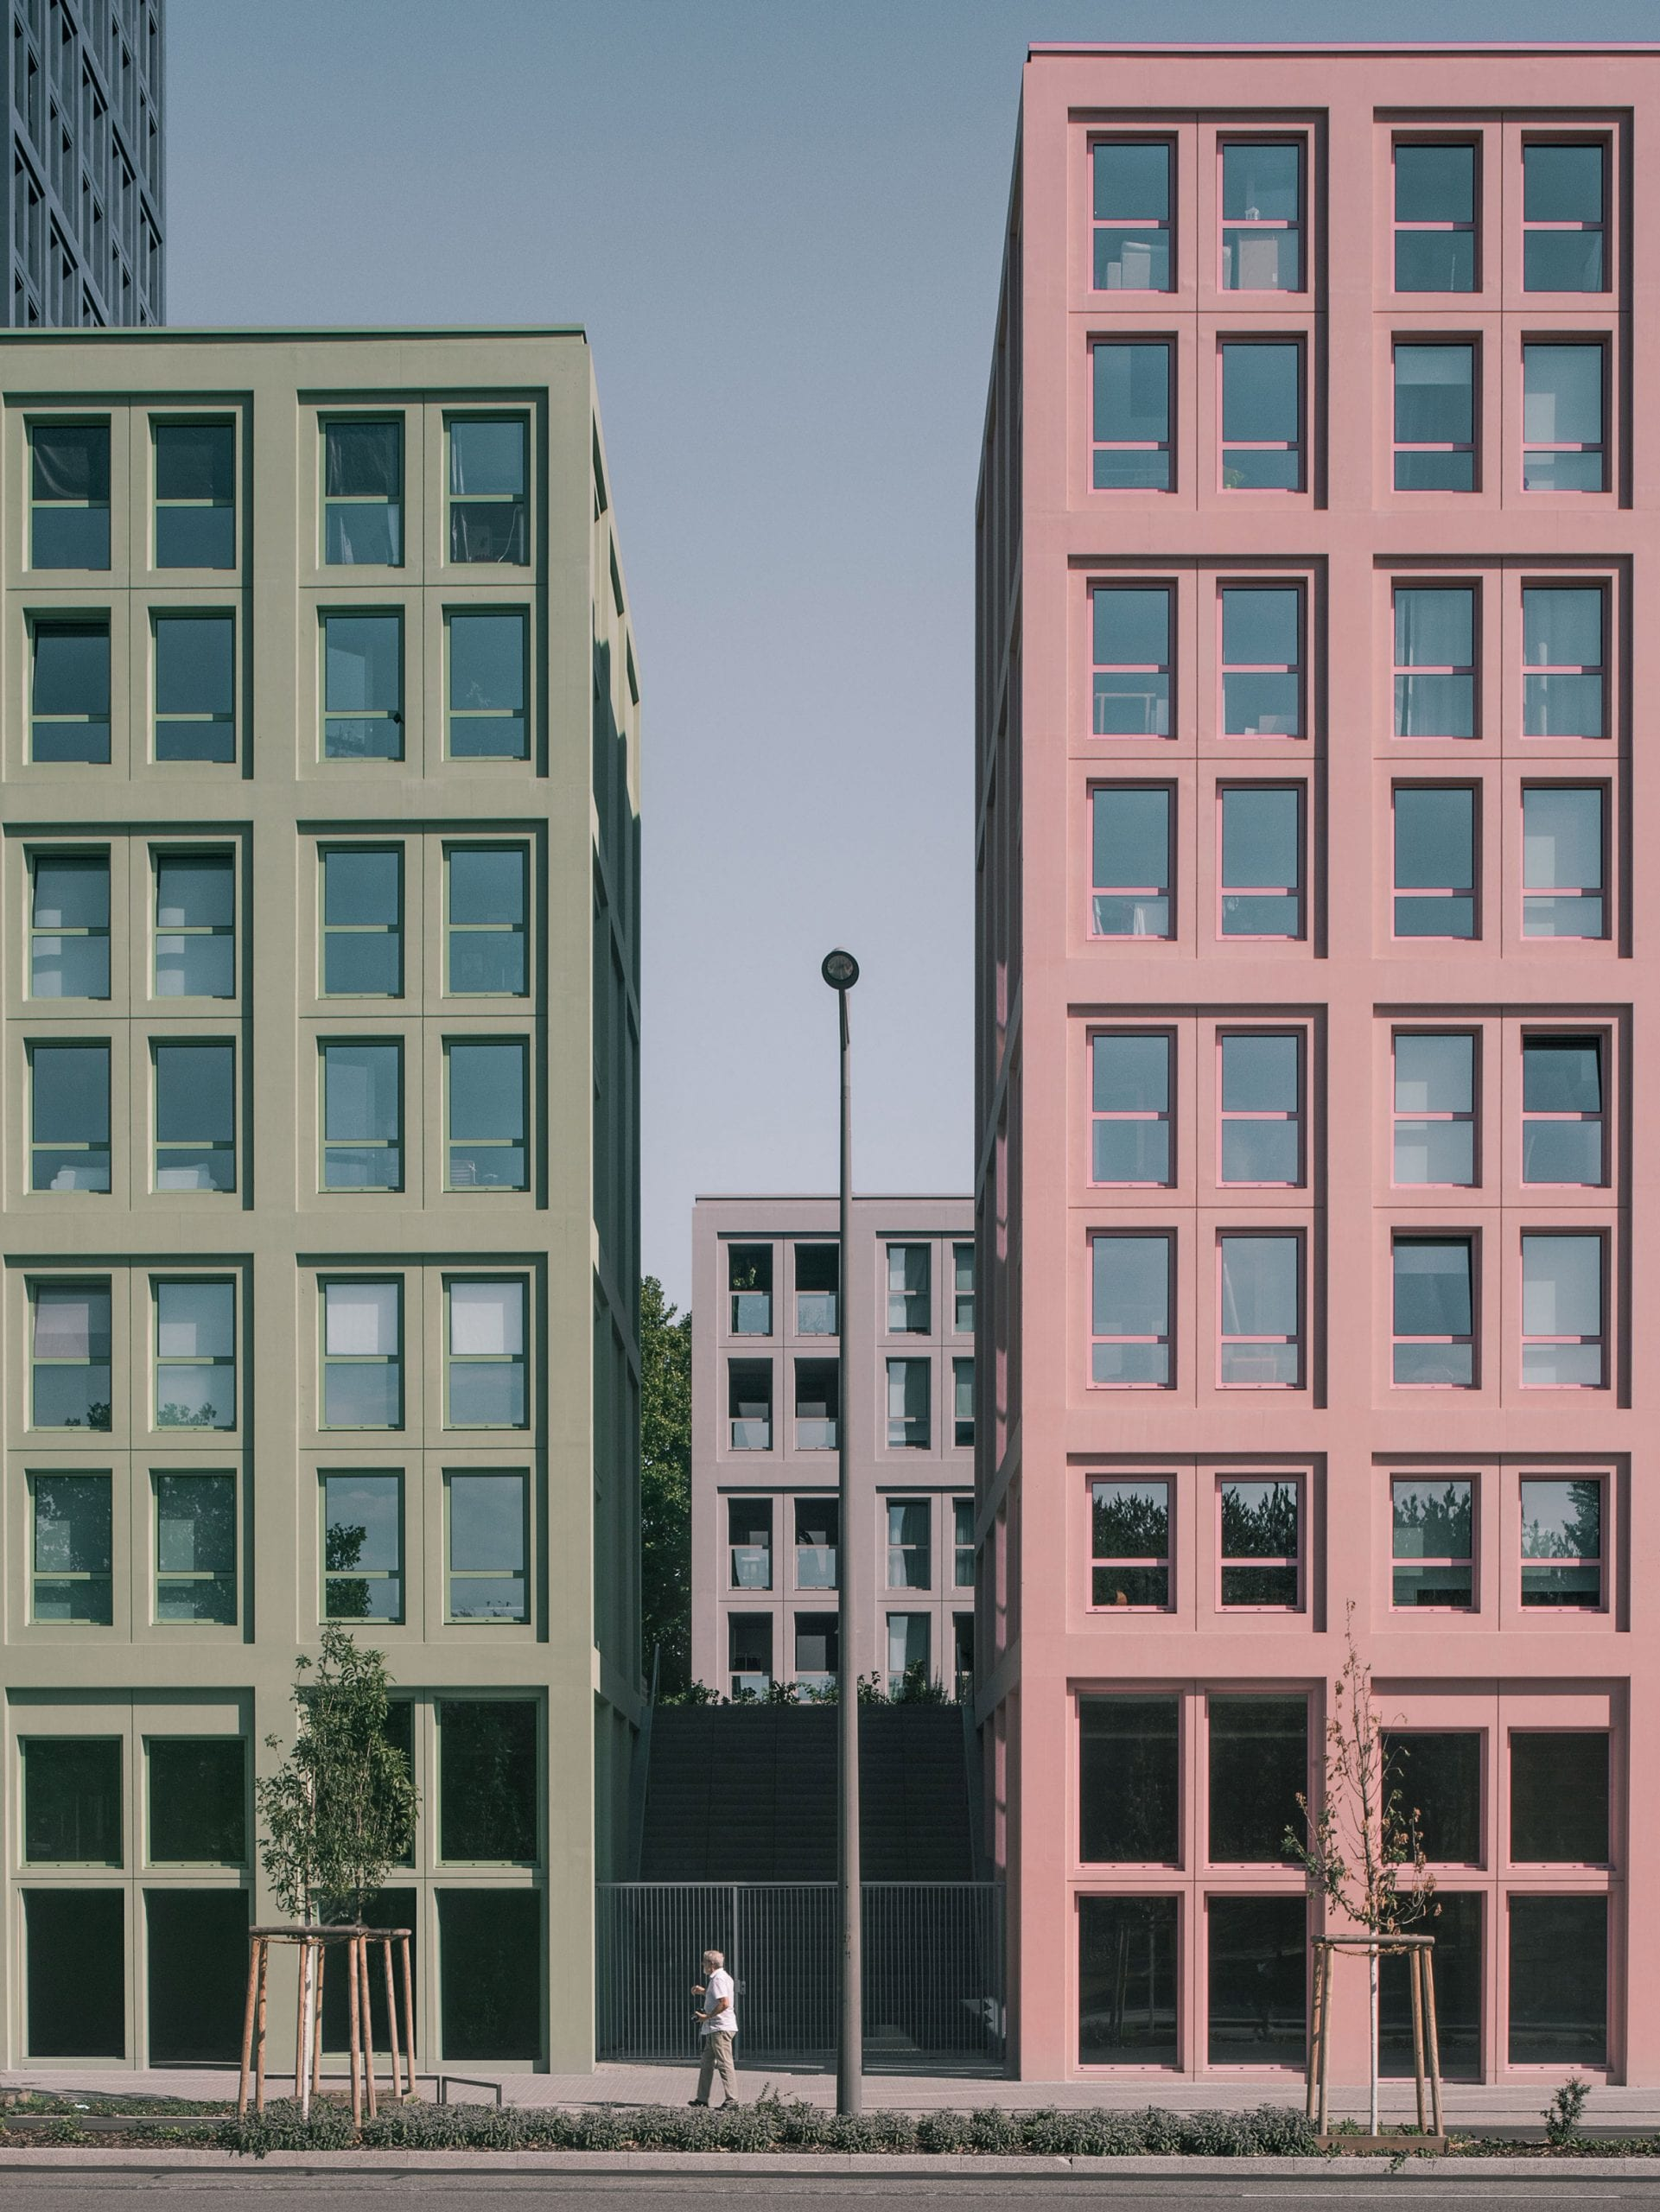 Gridded facades of Nolistra buildings